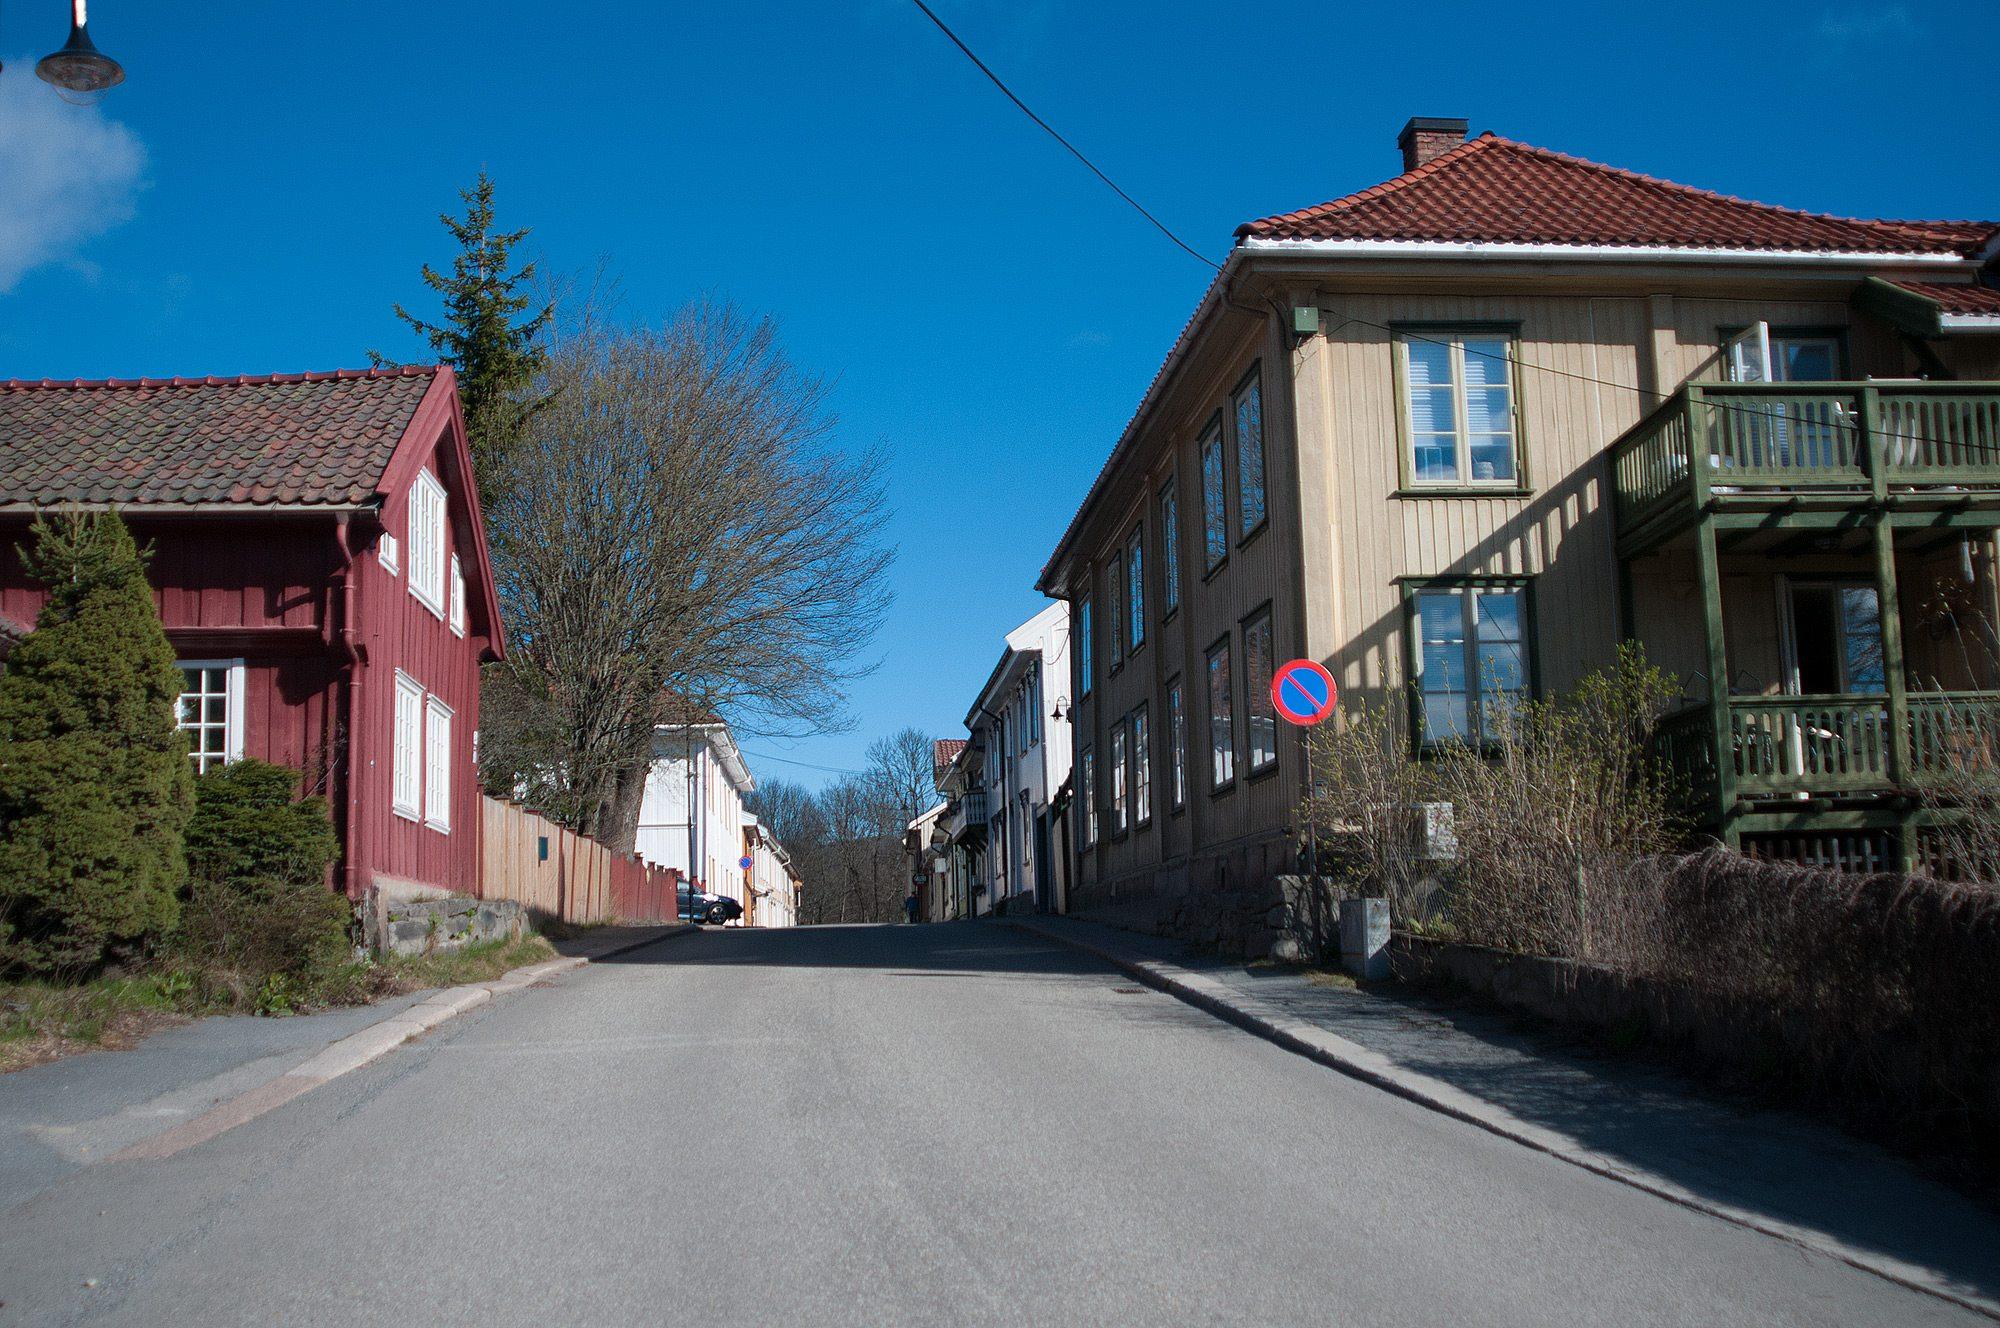 En kjent og kjær gate med et koselig og særpreget bygningsmiljø.